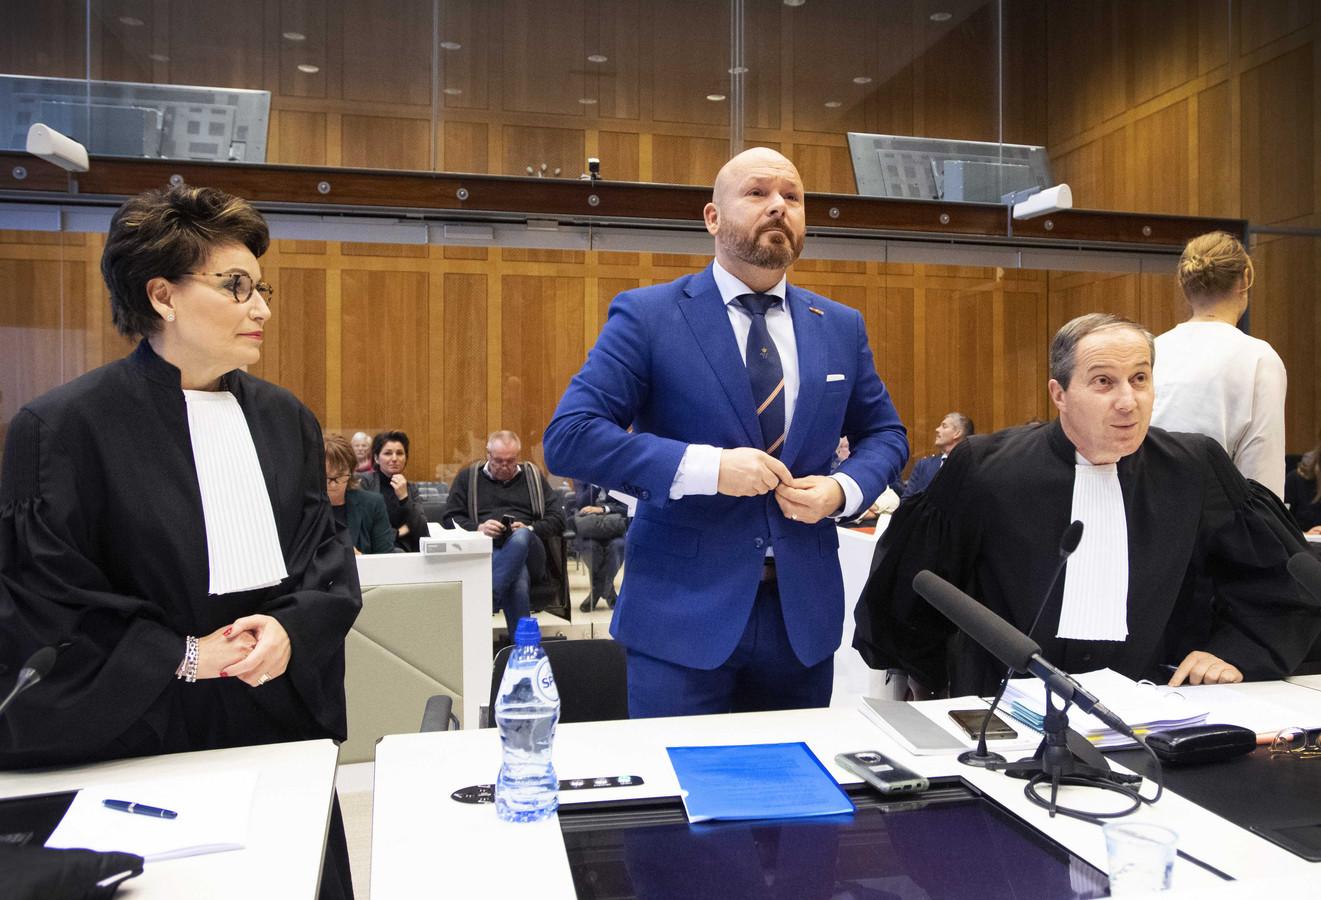 Marco Kroon en zijn advocaten Geert-Jan en Carry Knoops tijdens de zitting in de rechtbank. De drager van de Willems-Orde hoort vandaag om 13.00 uur wat de rechter vindt van zijn vermeende misdragingen.